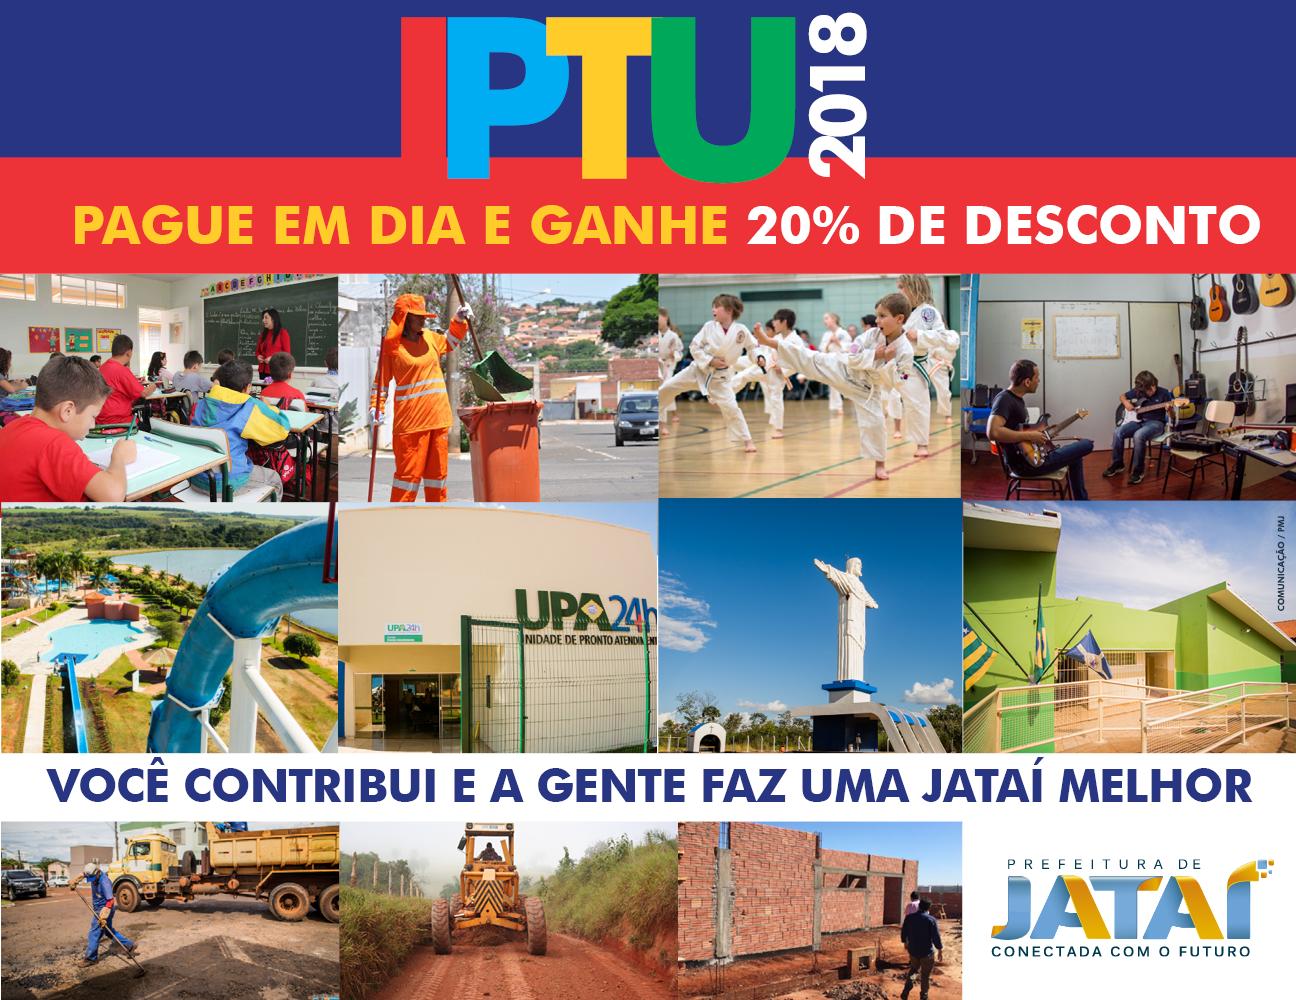 ef751bad519b3 Prefeitura começa a distribuir boletos para pagamento do IPTU de ...